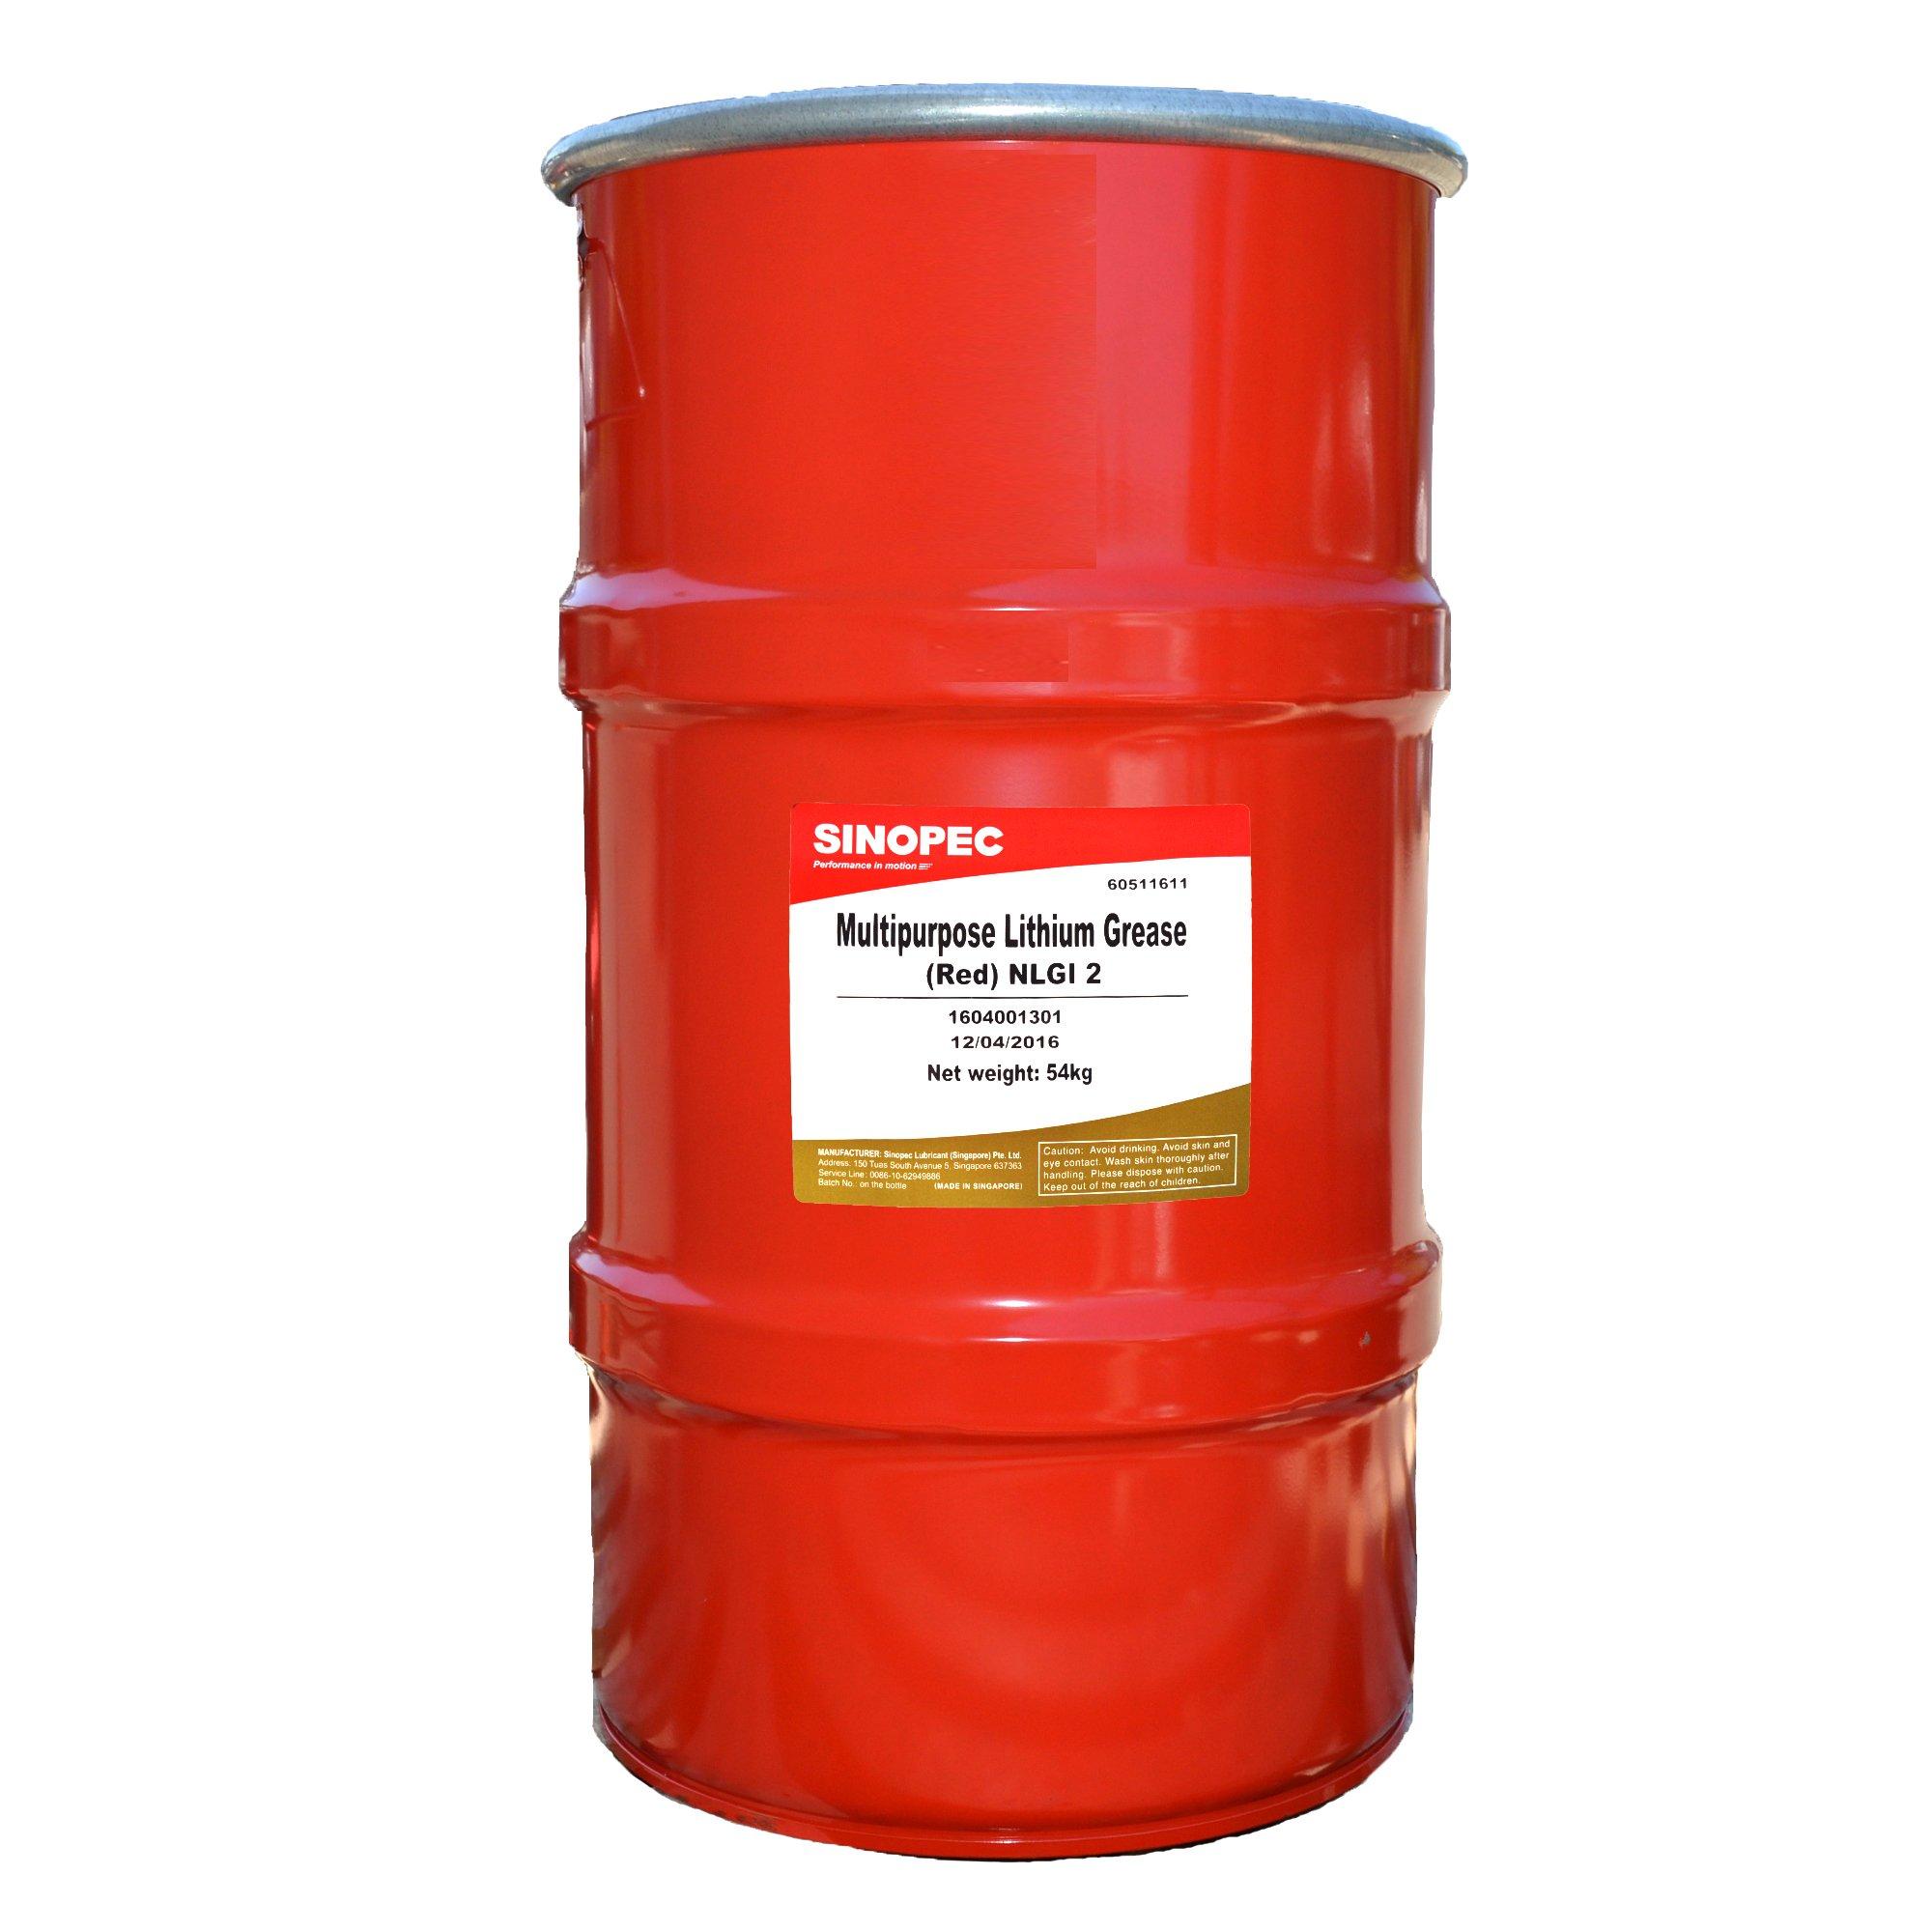 Sinopec Multipurpose Lithium Grease #2, 120 lb, 16 Gallon Keg, Red